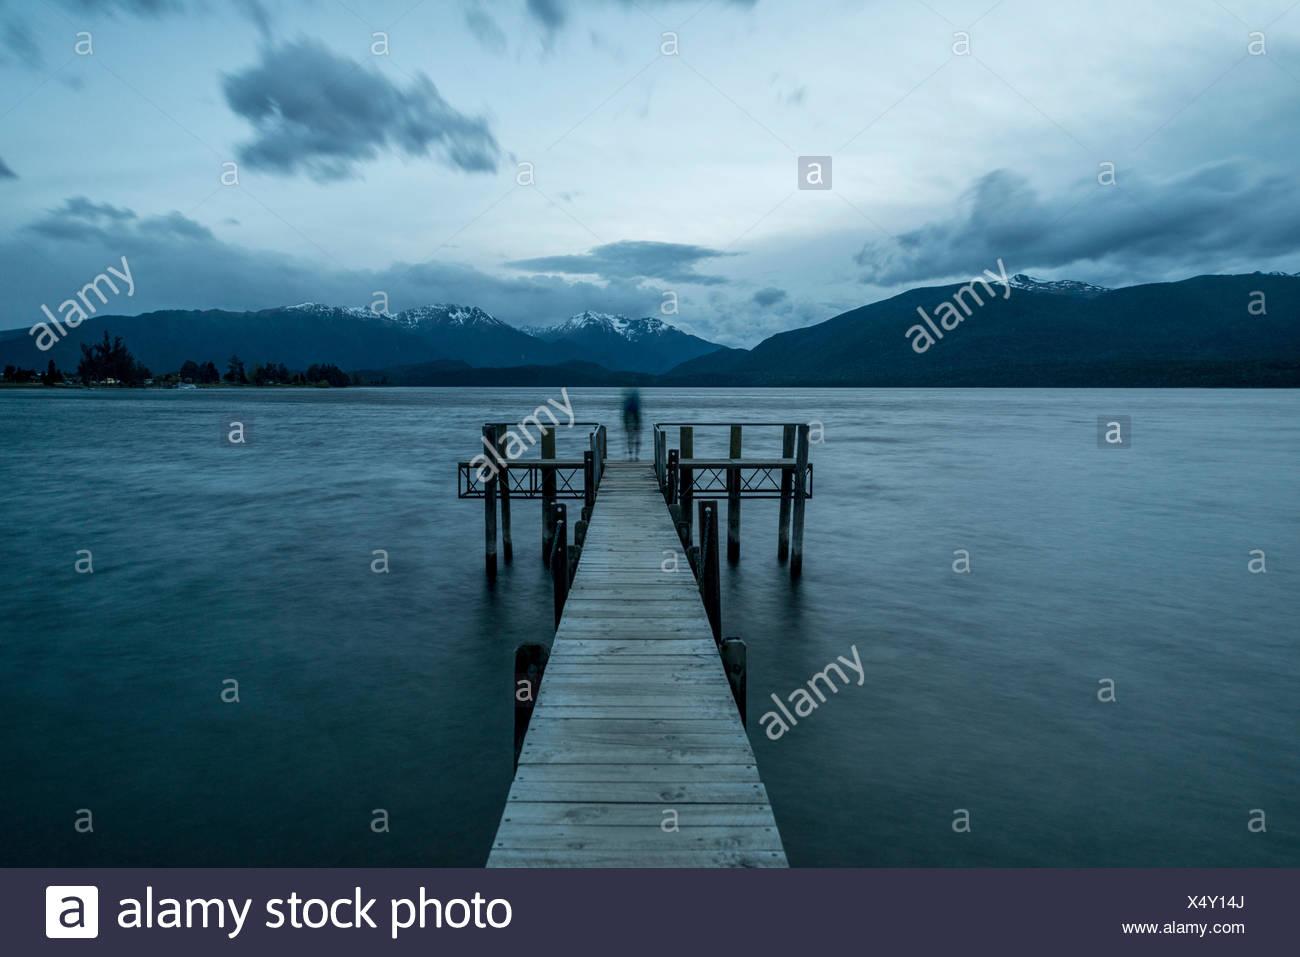 Ciel nuageux sur les montagnes, silhouette debout sur dock, Lac Te Anau, Southland, Nouvelle-Zélande Photo Stock